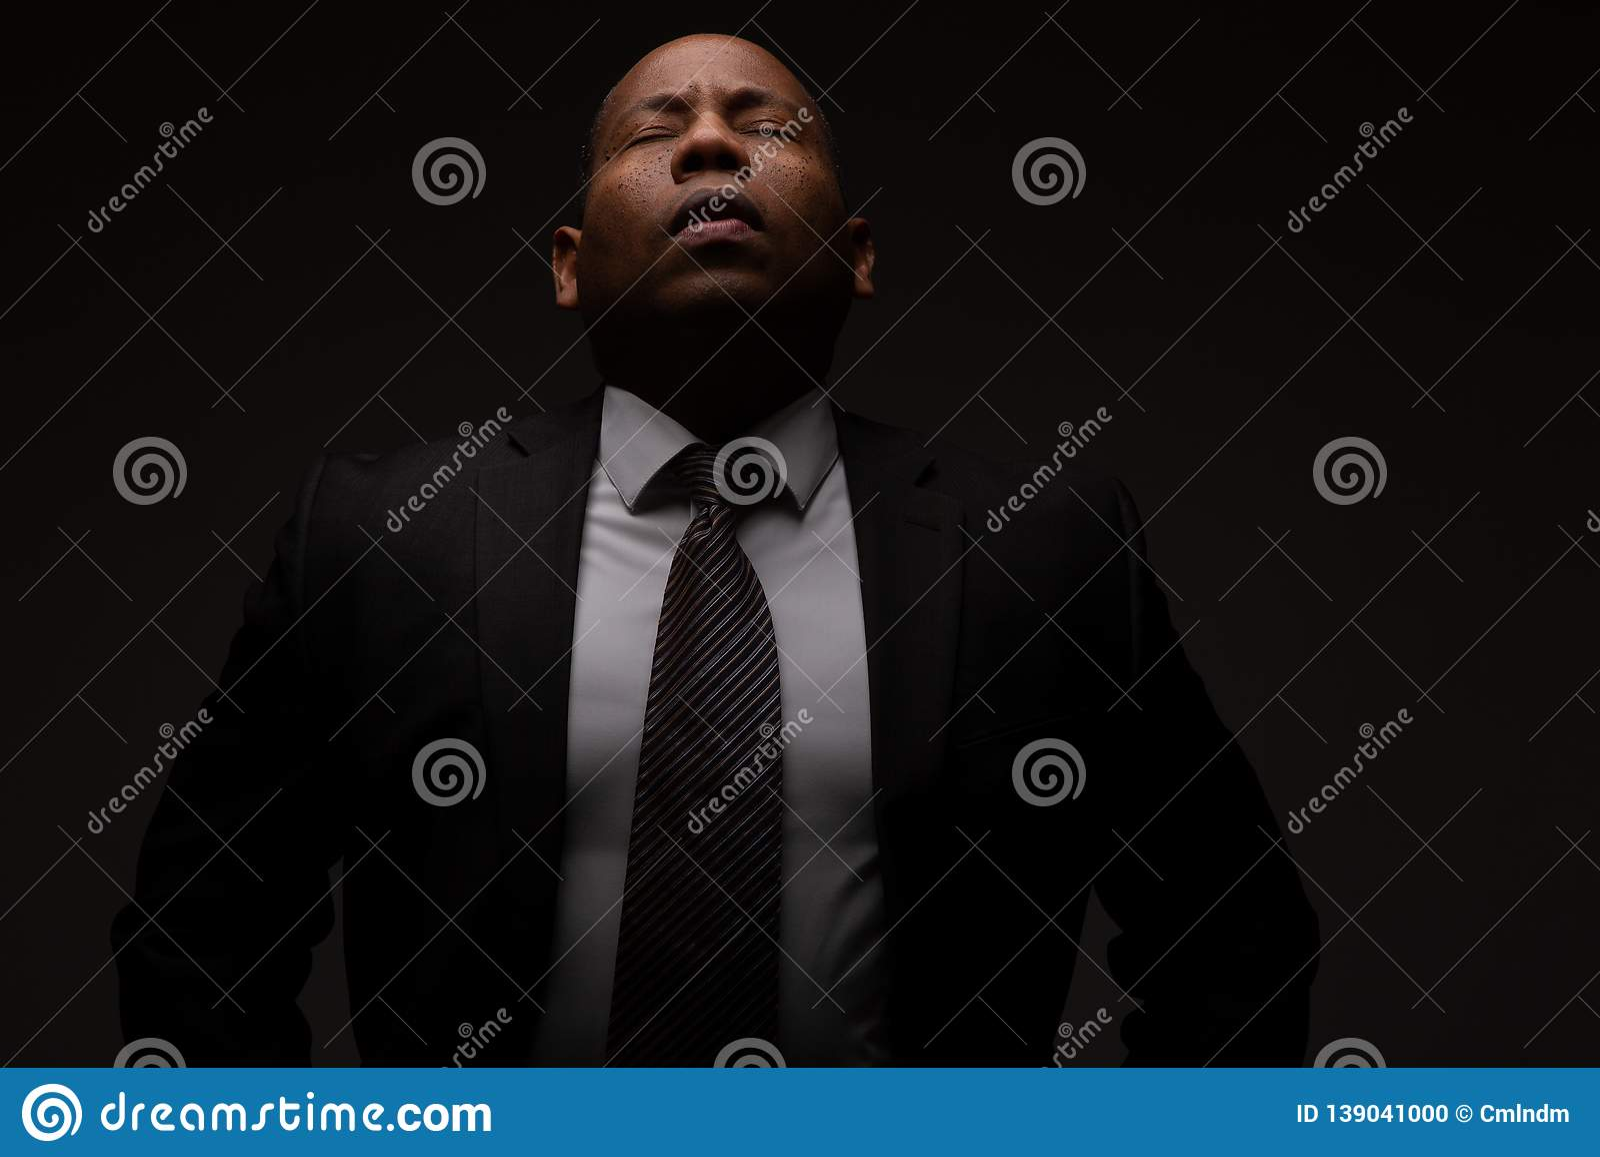 Afroamerikaner Christian Man Praying und suchende Anleitung vom Gott